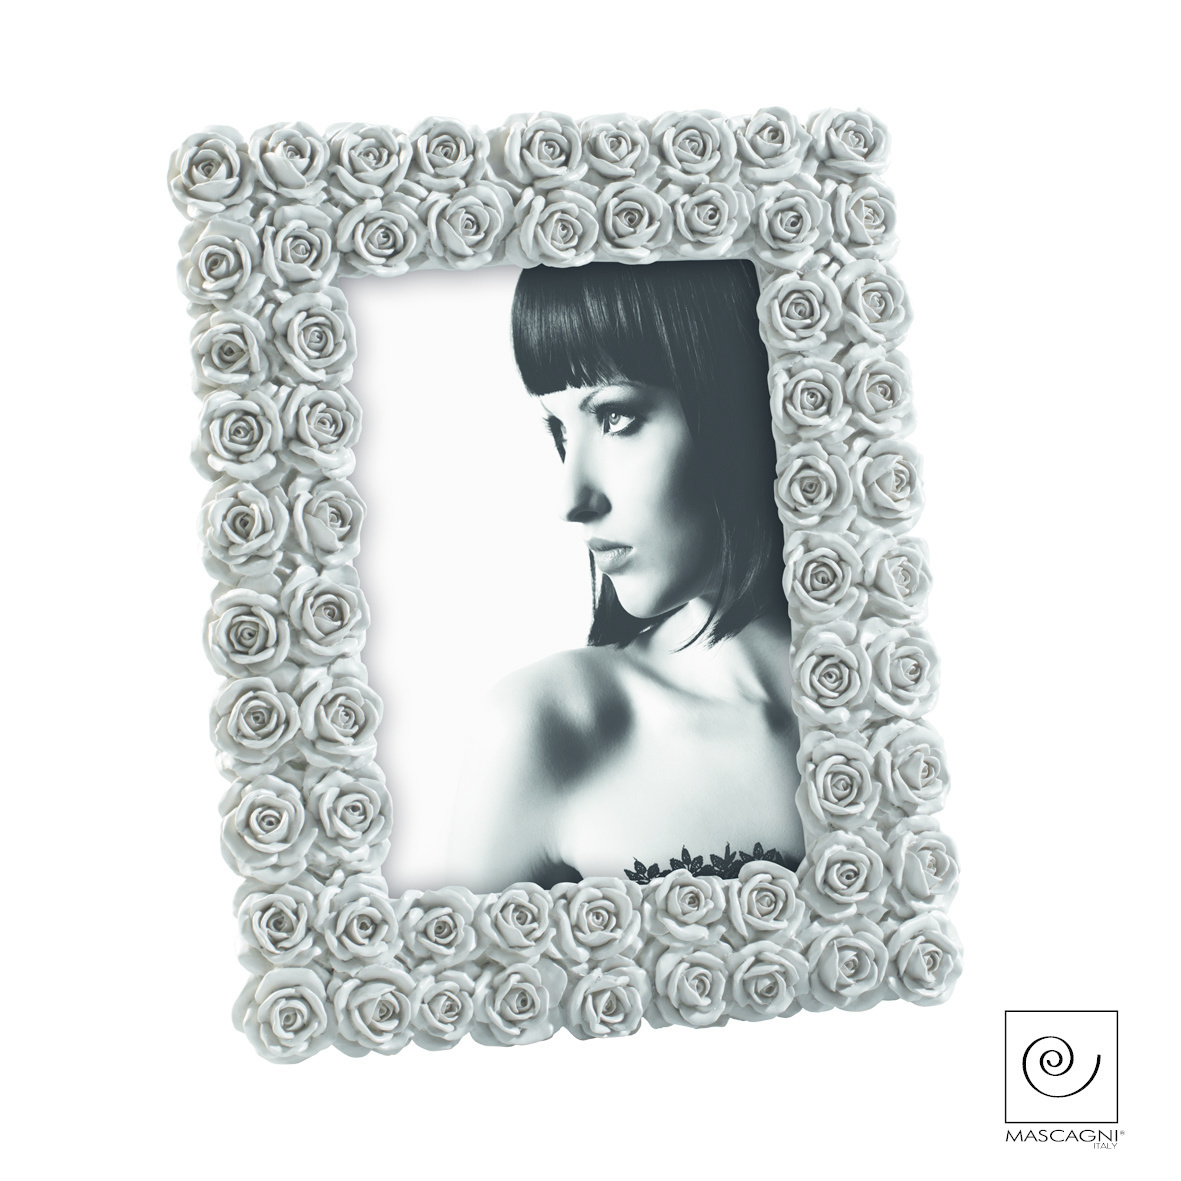 Art Mascagni M222 PHOTO FRAME 13X18 - COL.WHITE